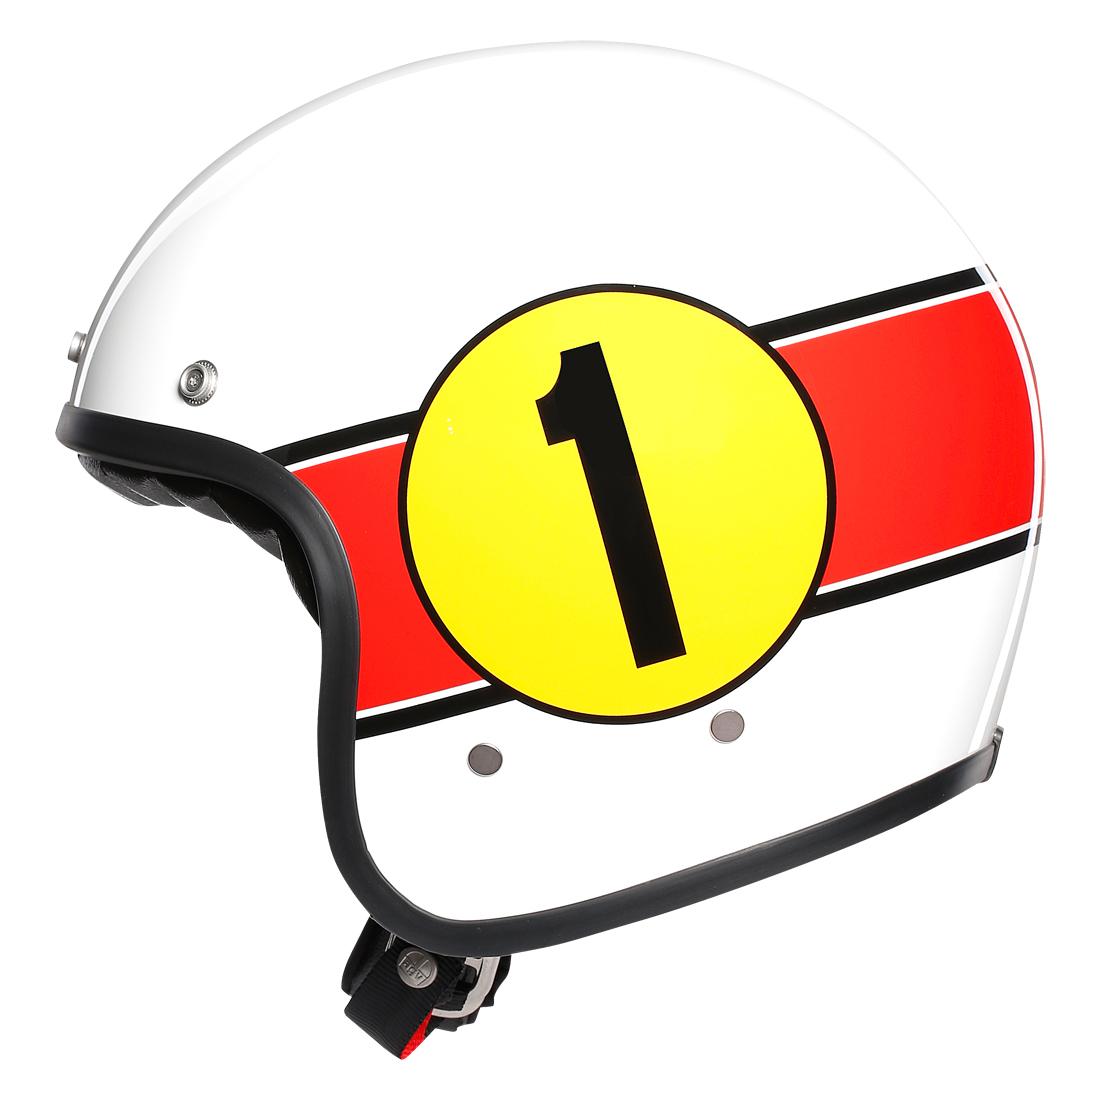 AGV(エージーブイ) バイク用ヘルメット ジェット LEGENDS X70 / MINO 73 WHITE/RED (ミーノ 73 ホワイト/レッド) Mサイズ (57-58cm) 002192I0007-M